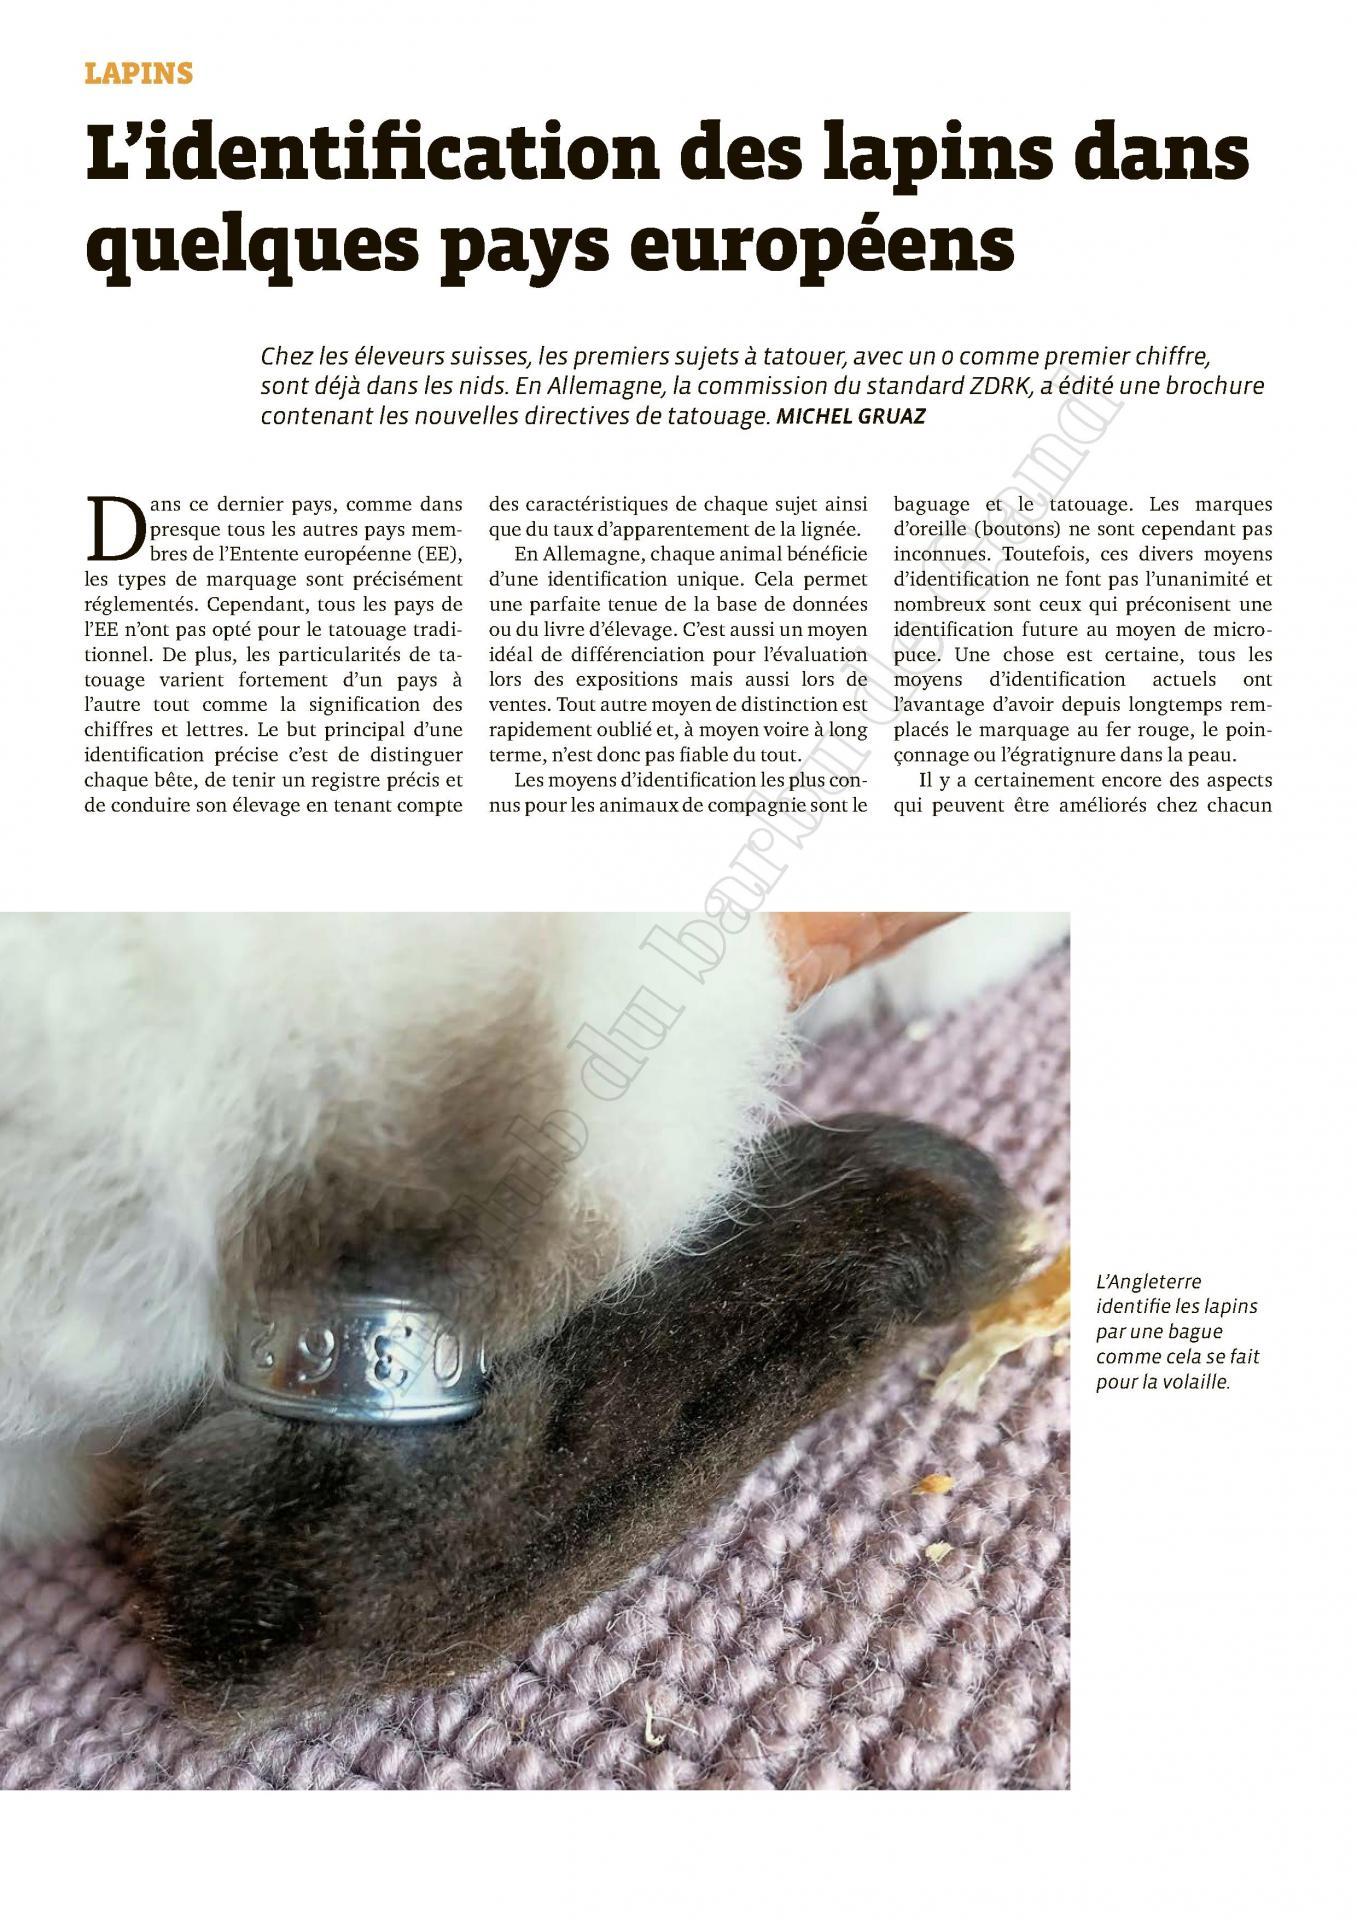 N 15 2020 l identification des lapins dans quelques pays europeens 1